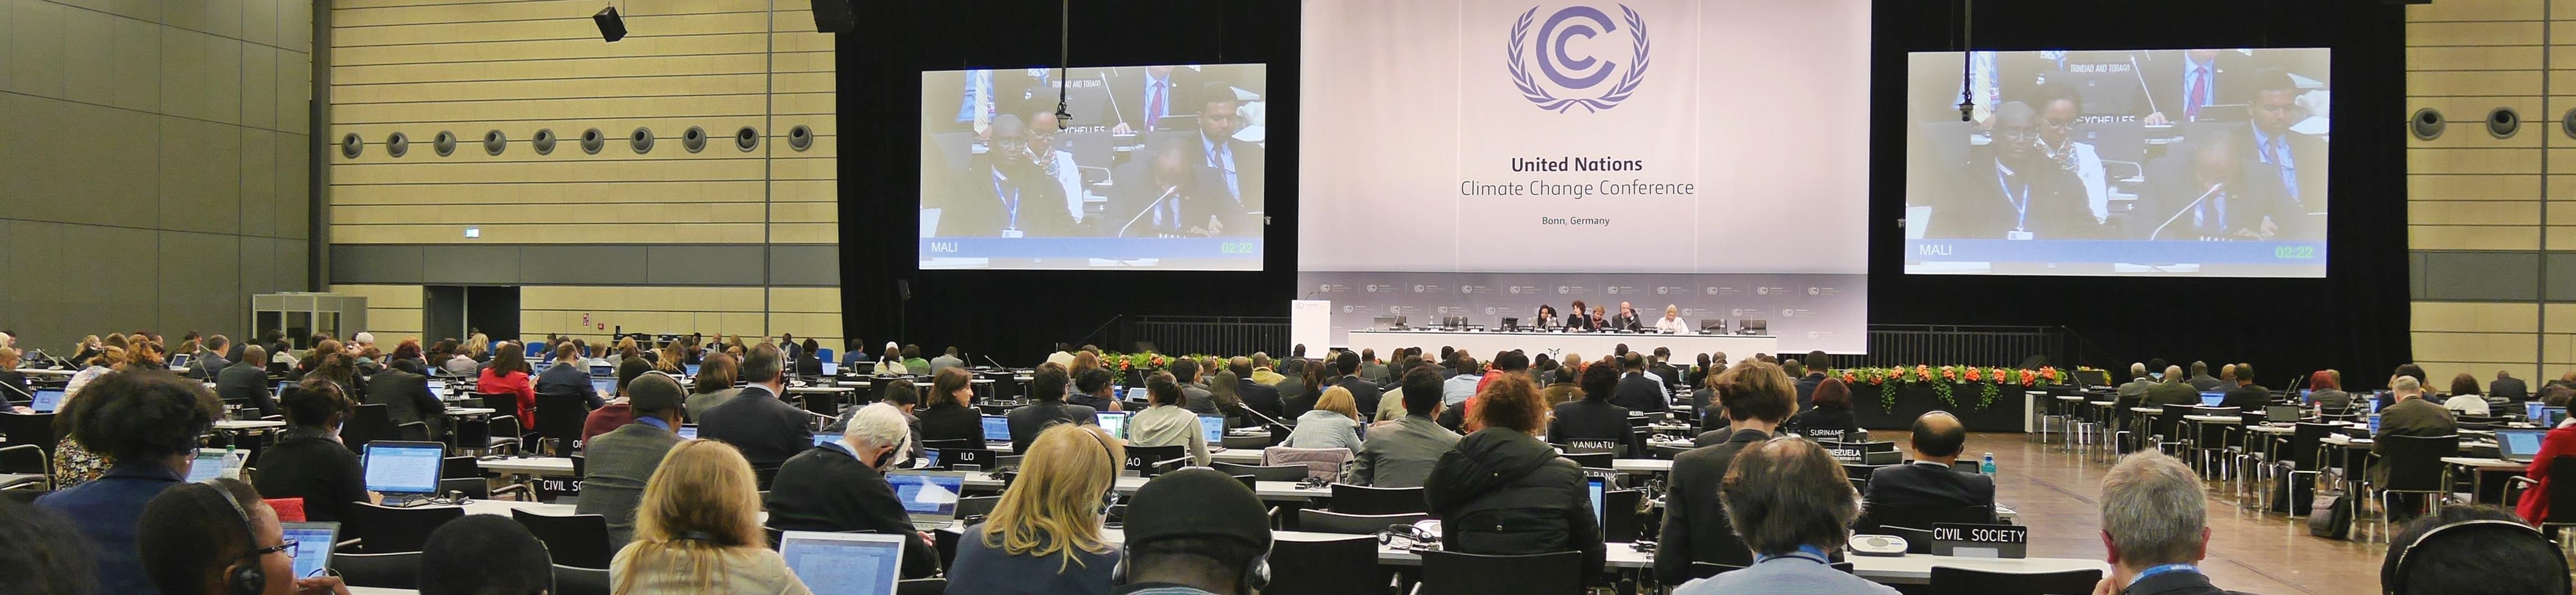 2017年6月26日(月)国連気候変動ボン会議報告会 in 京都 パリ協定の実施に向けた議論の最前線[京都]